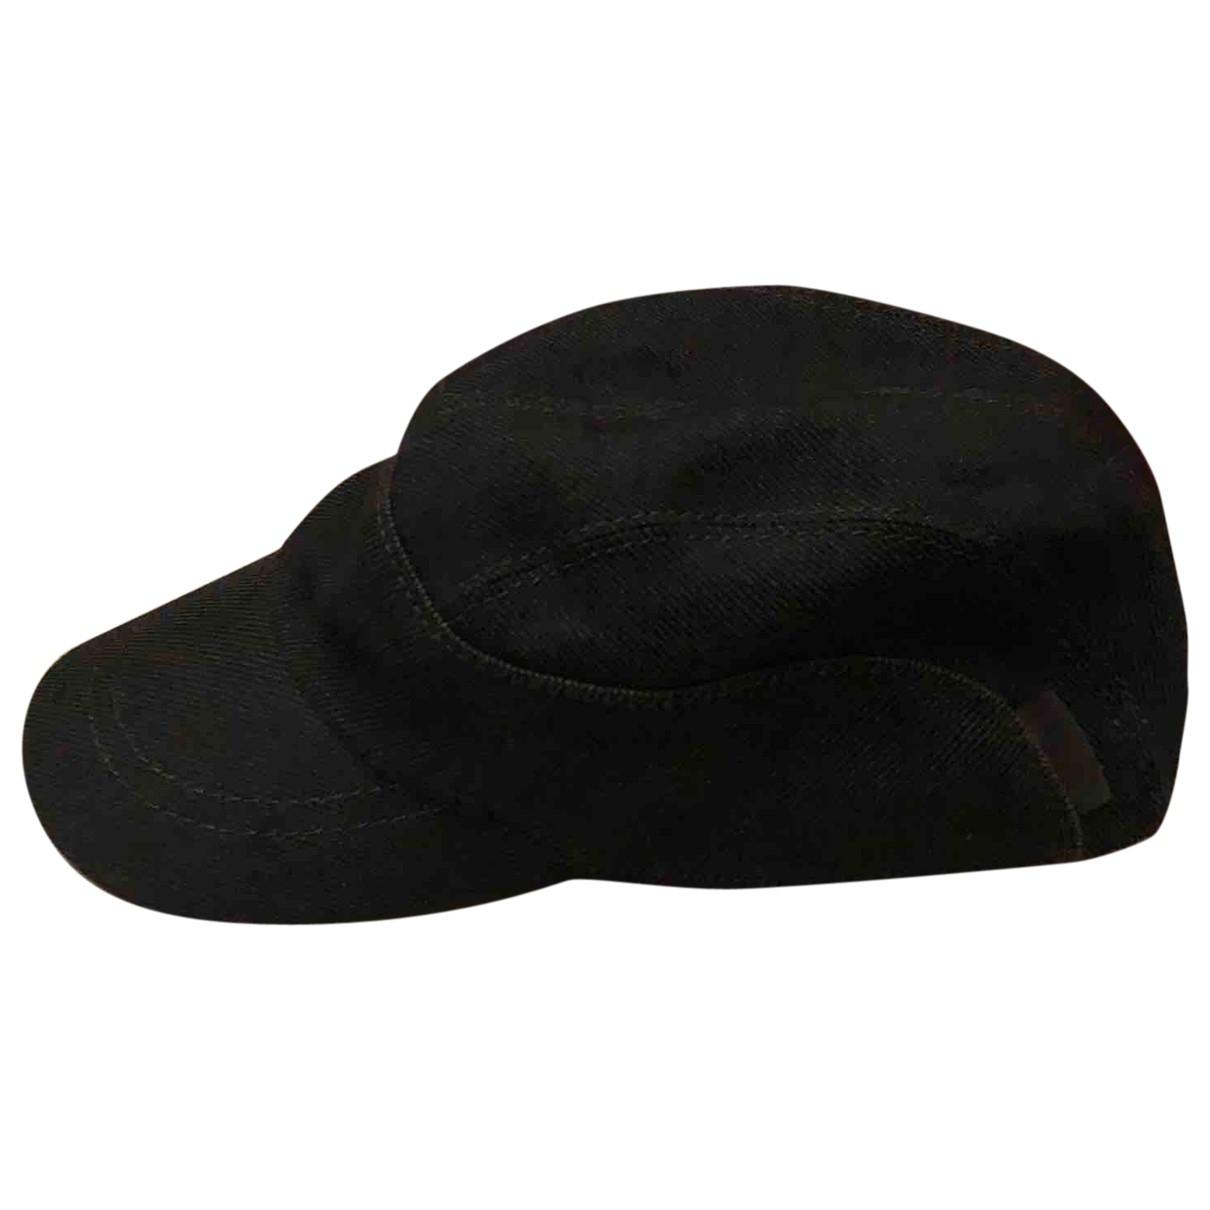 Borsalino - Chapeau & Bonnets   pour homme en laine - gris